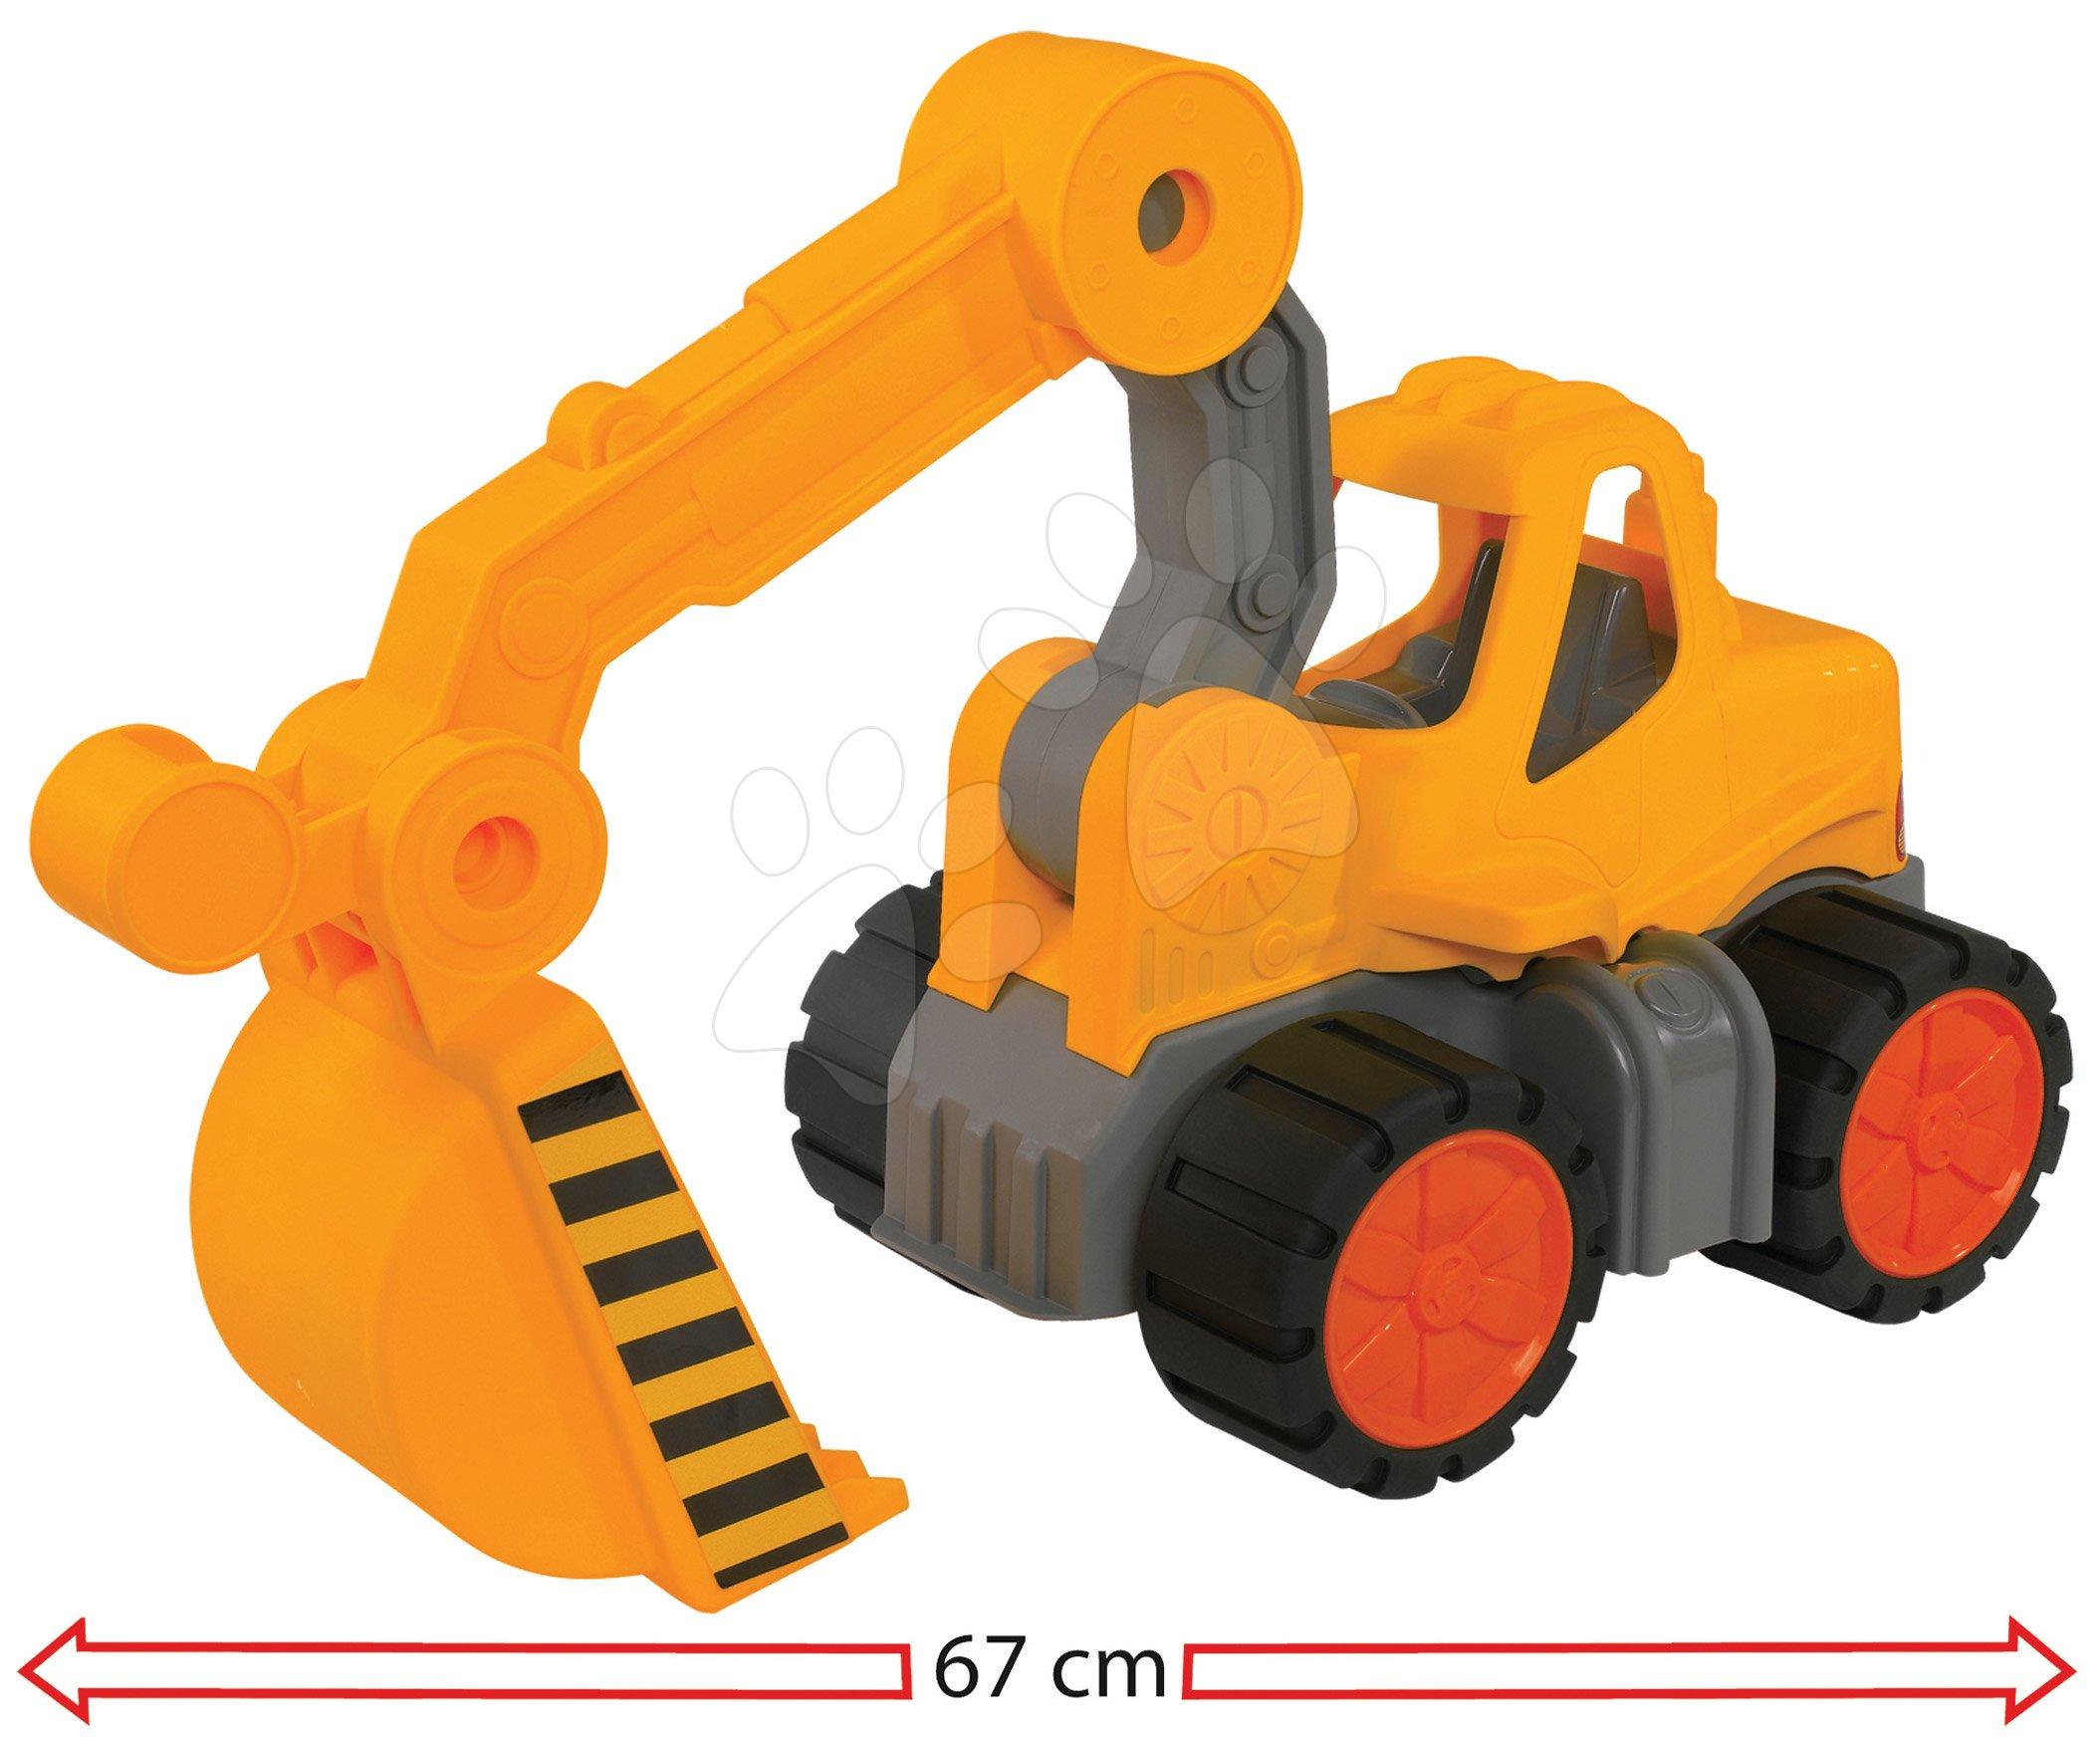 Játék építőgépek - Markológép Digger Power Worker BIG munkagép 67 cm gumikerekekkel 2 éves kortól